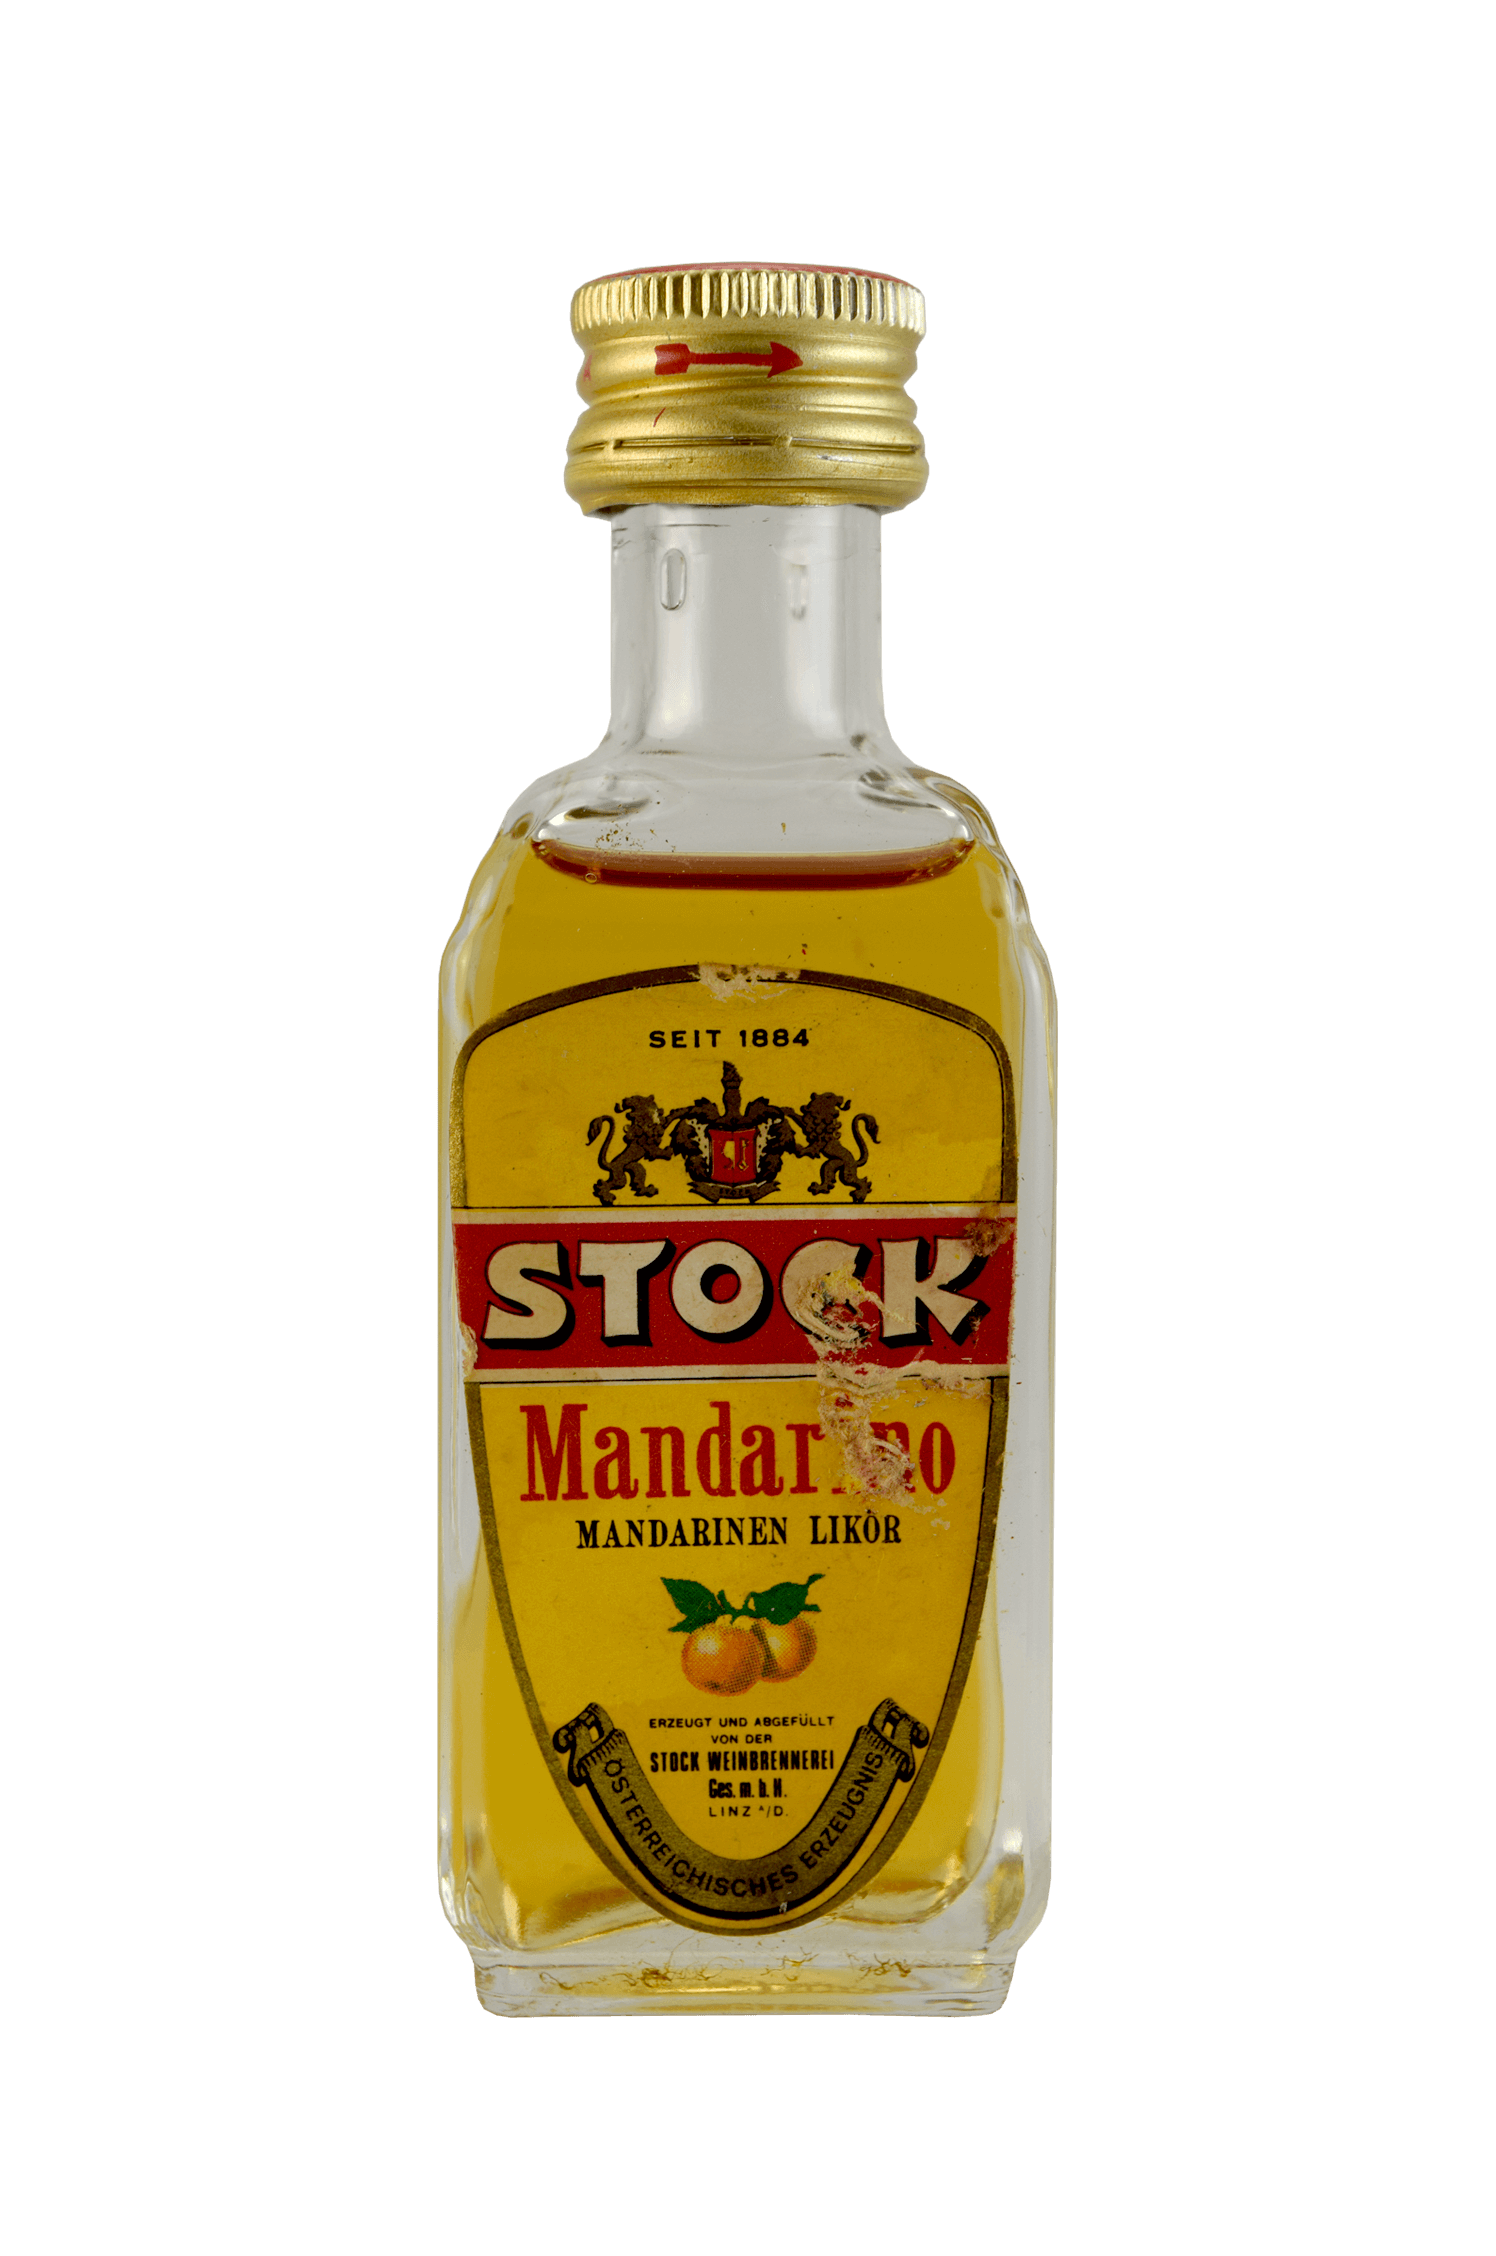 Stock Mandarino